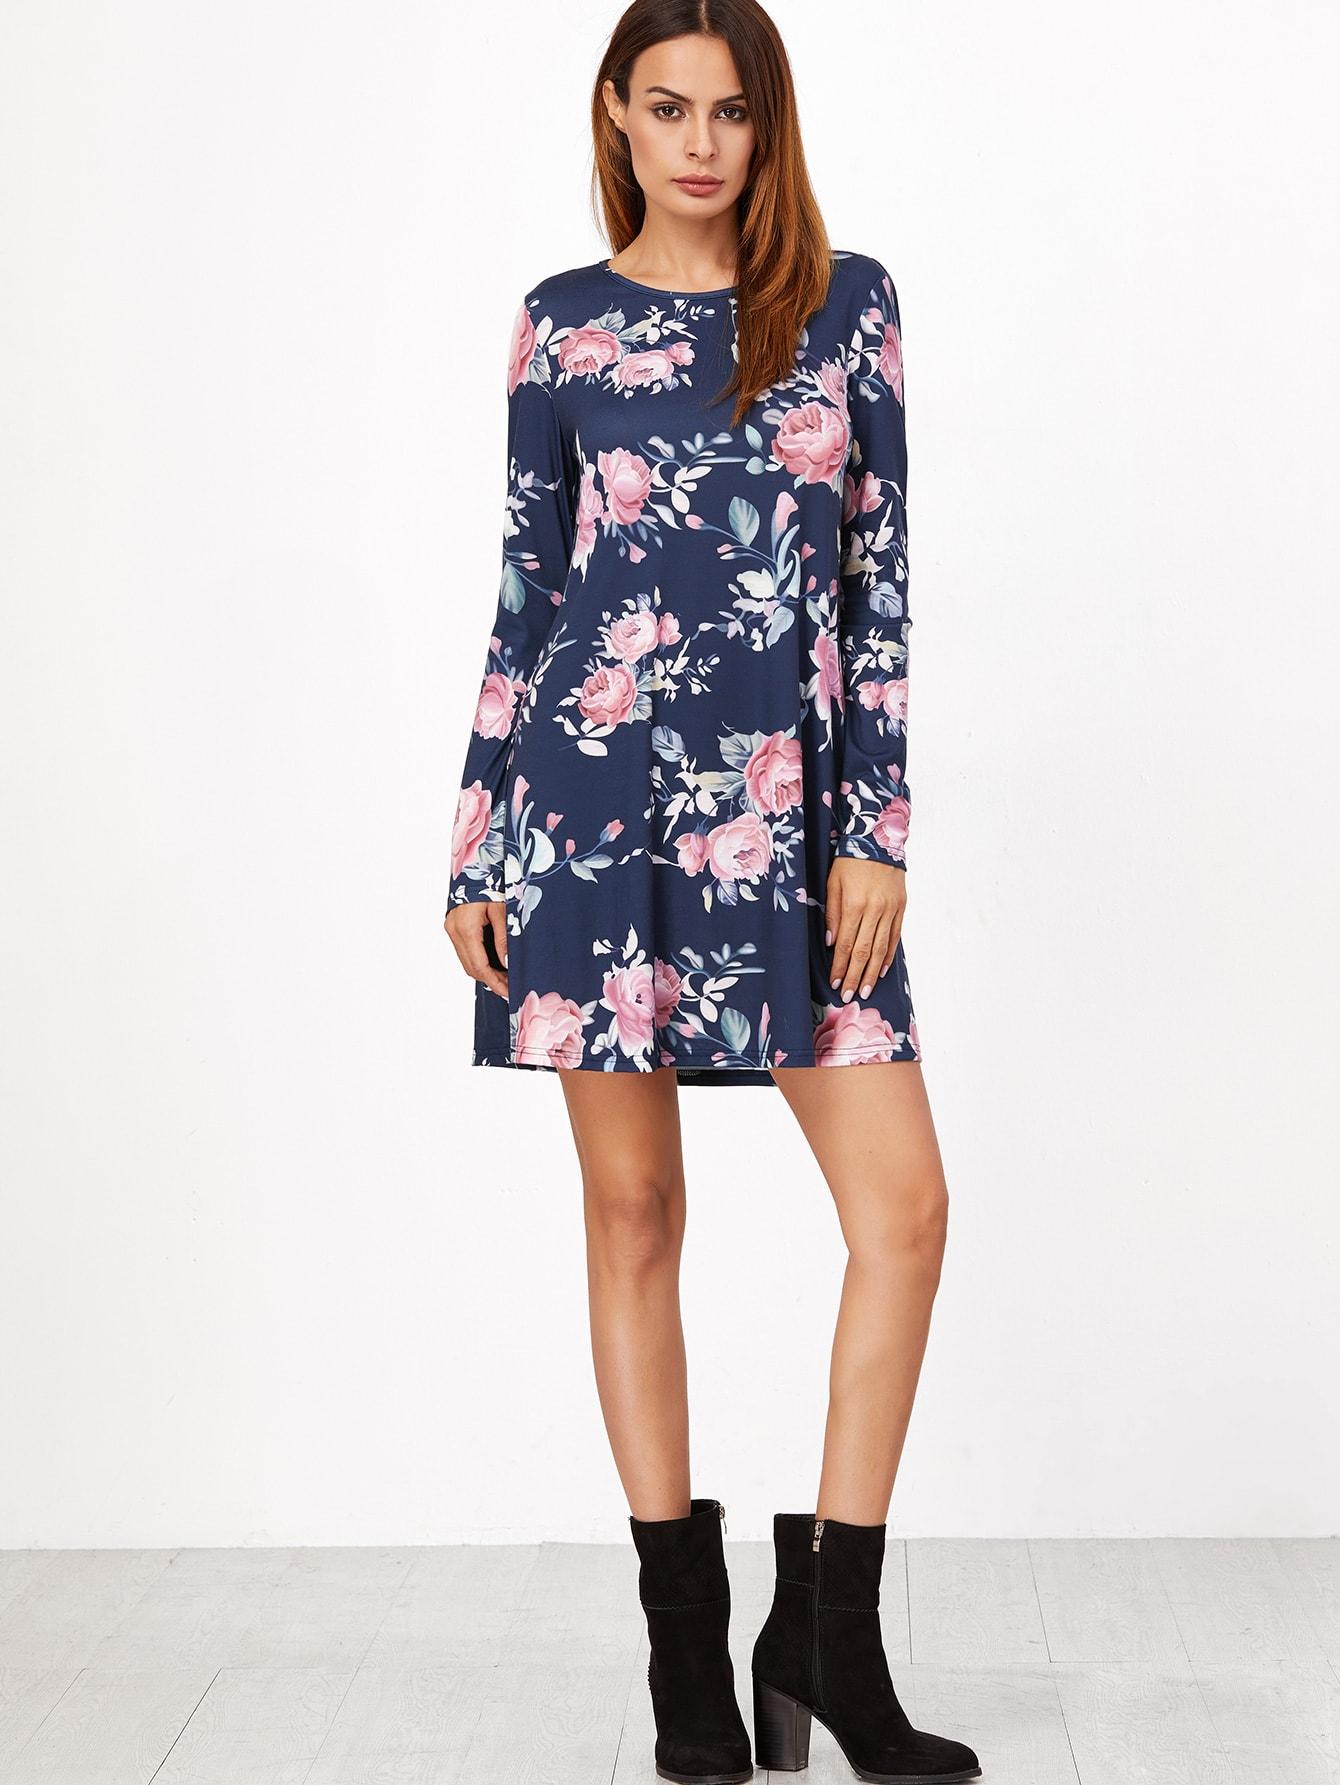 dress161110716_2